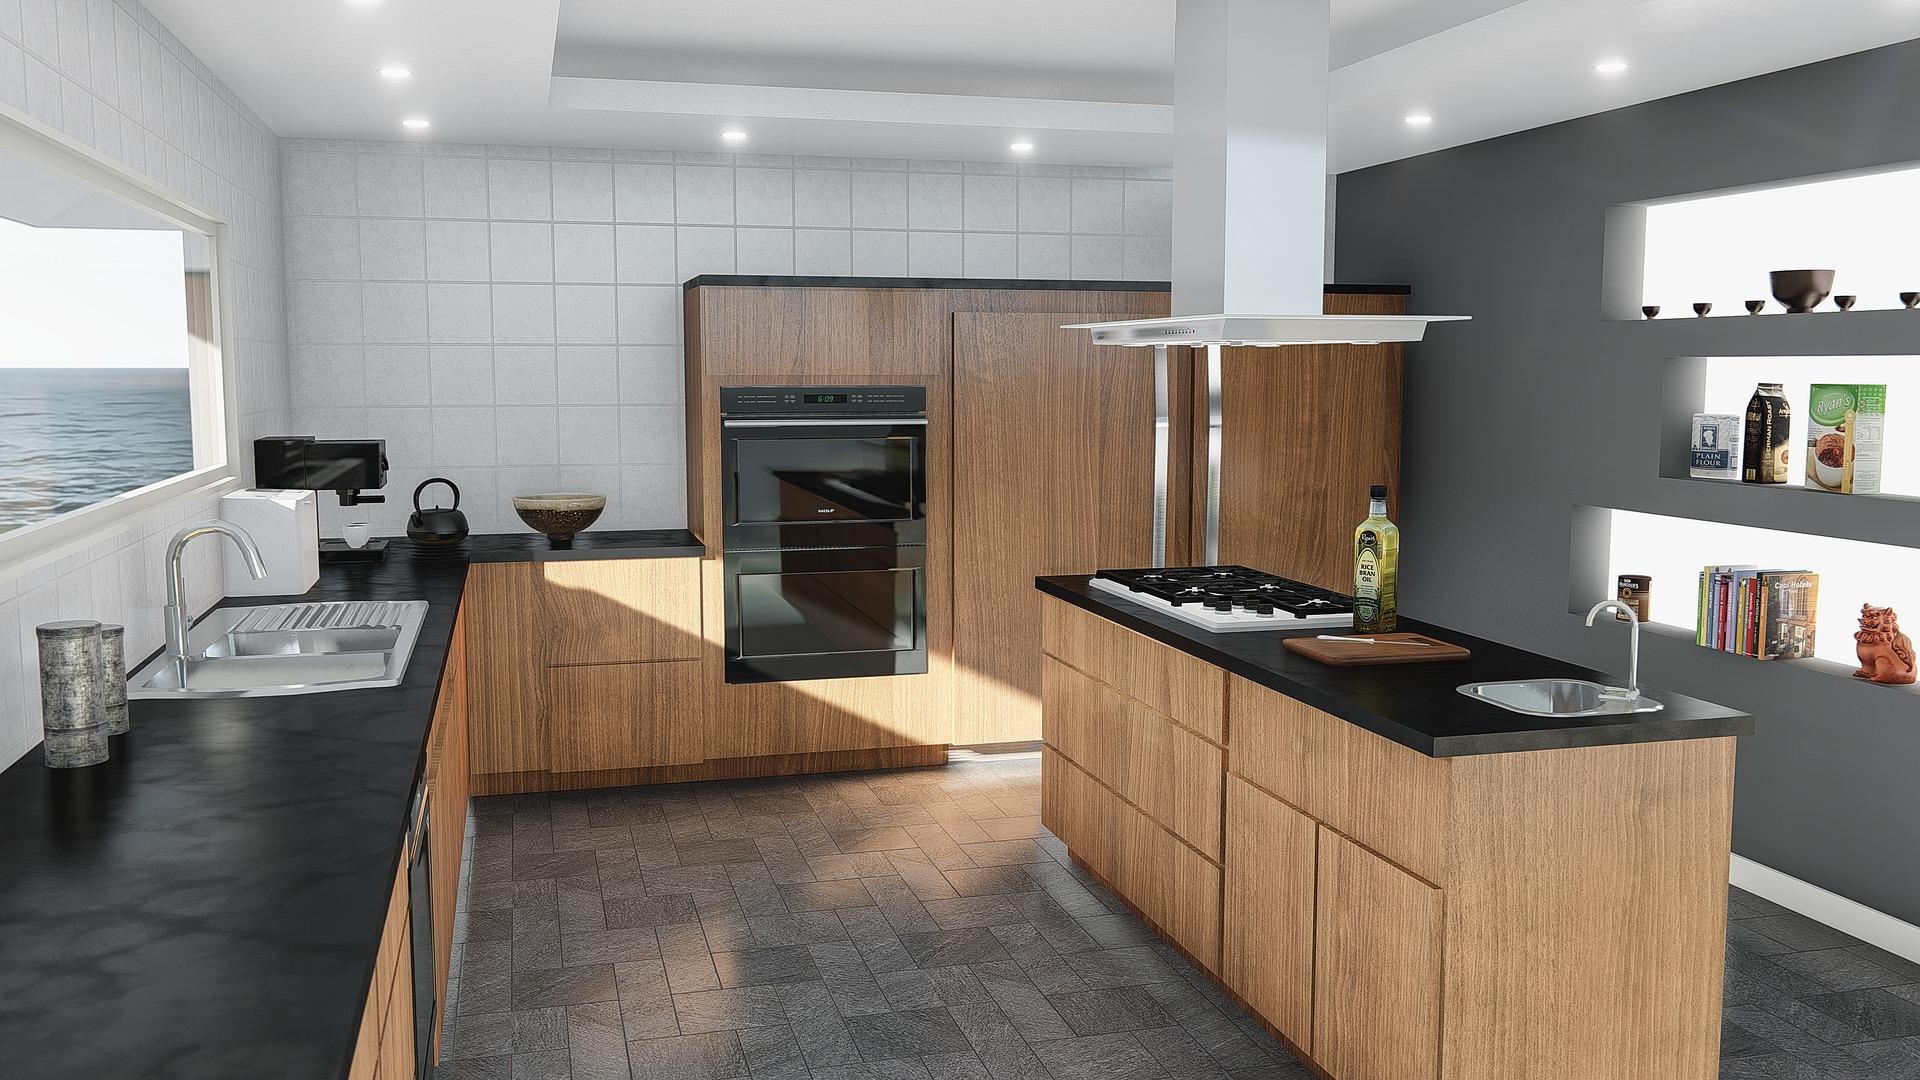 kitchen-3266752_1920.jpg